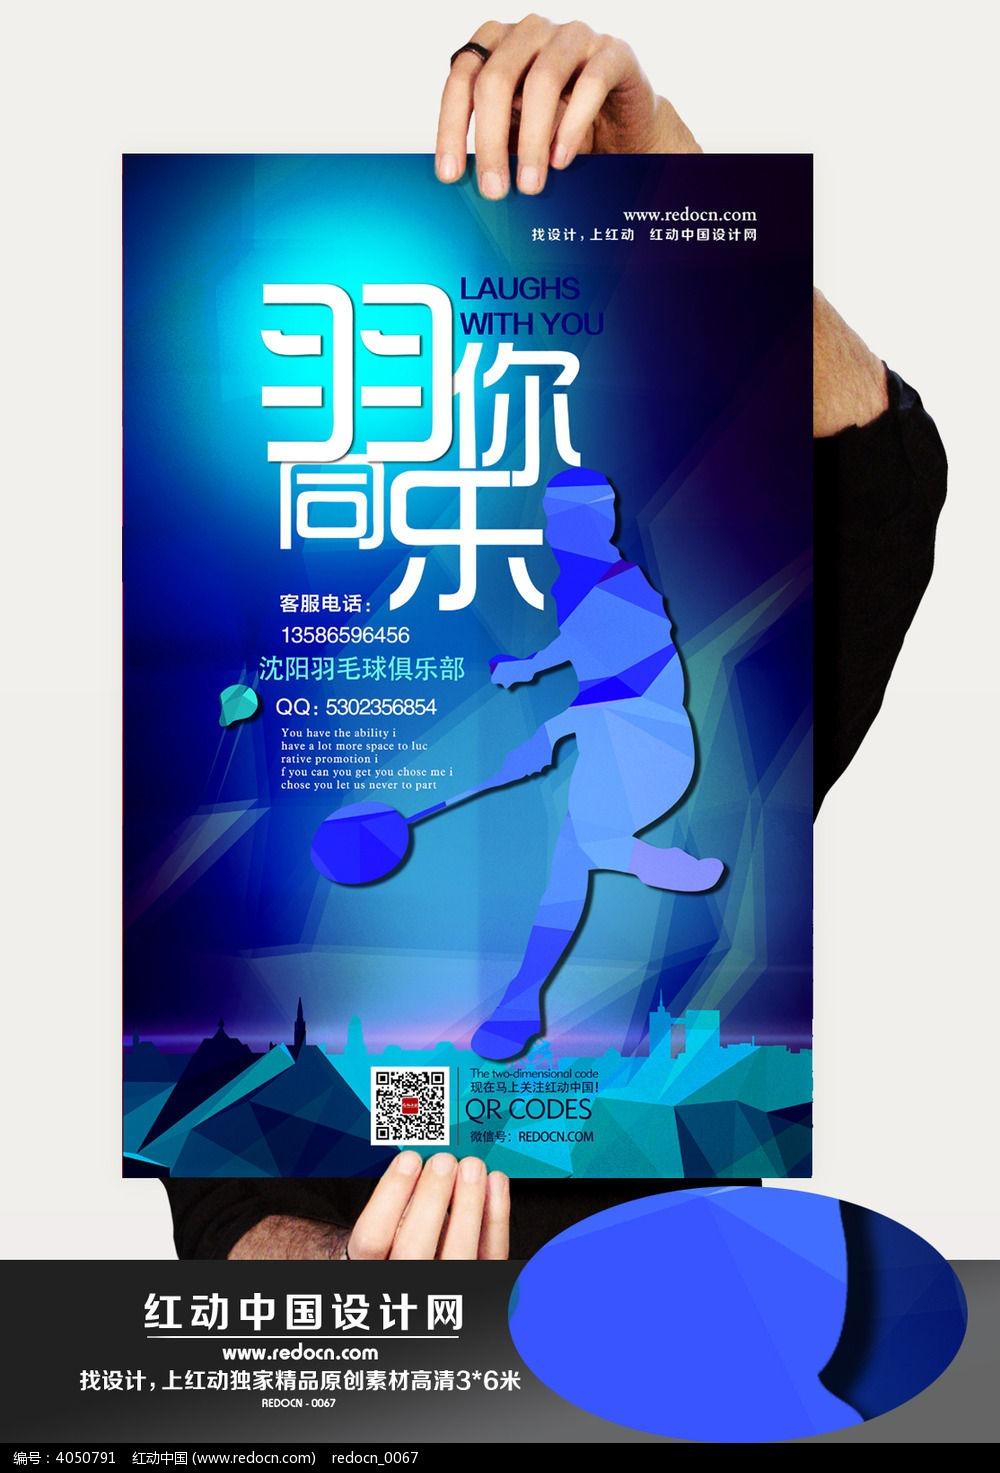 蓝色羽毛球俱乐部宣传海报PSD素材下载 艺术海报设计图片图片